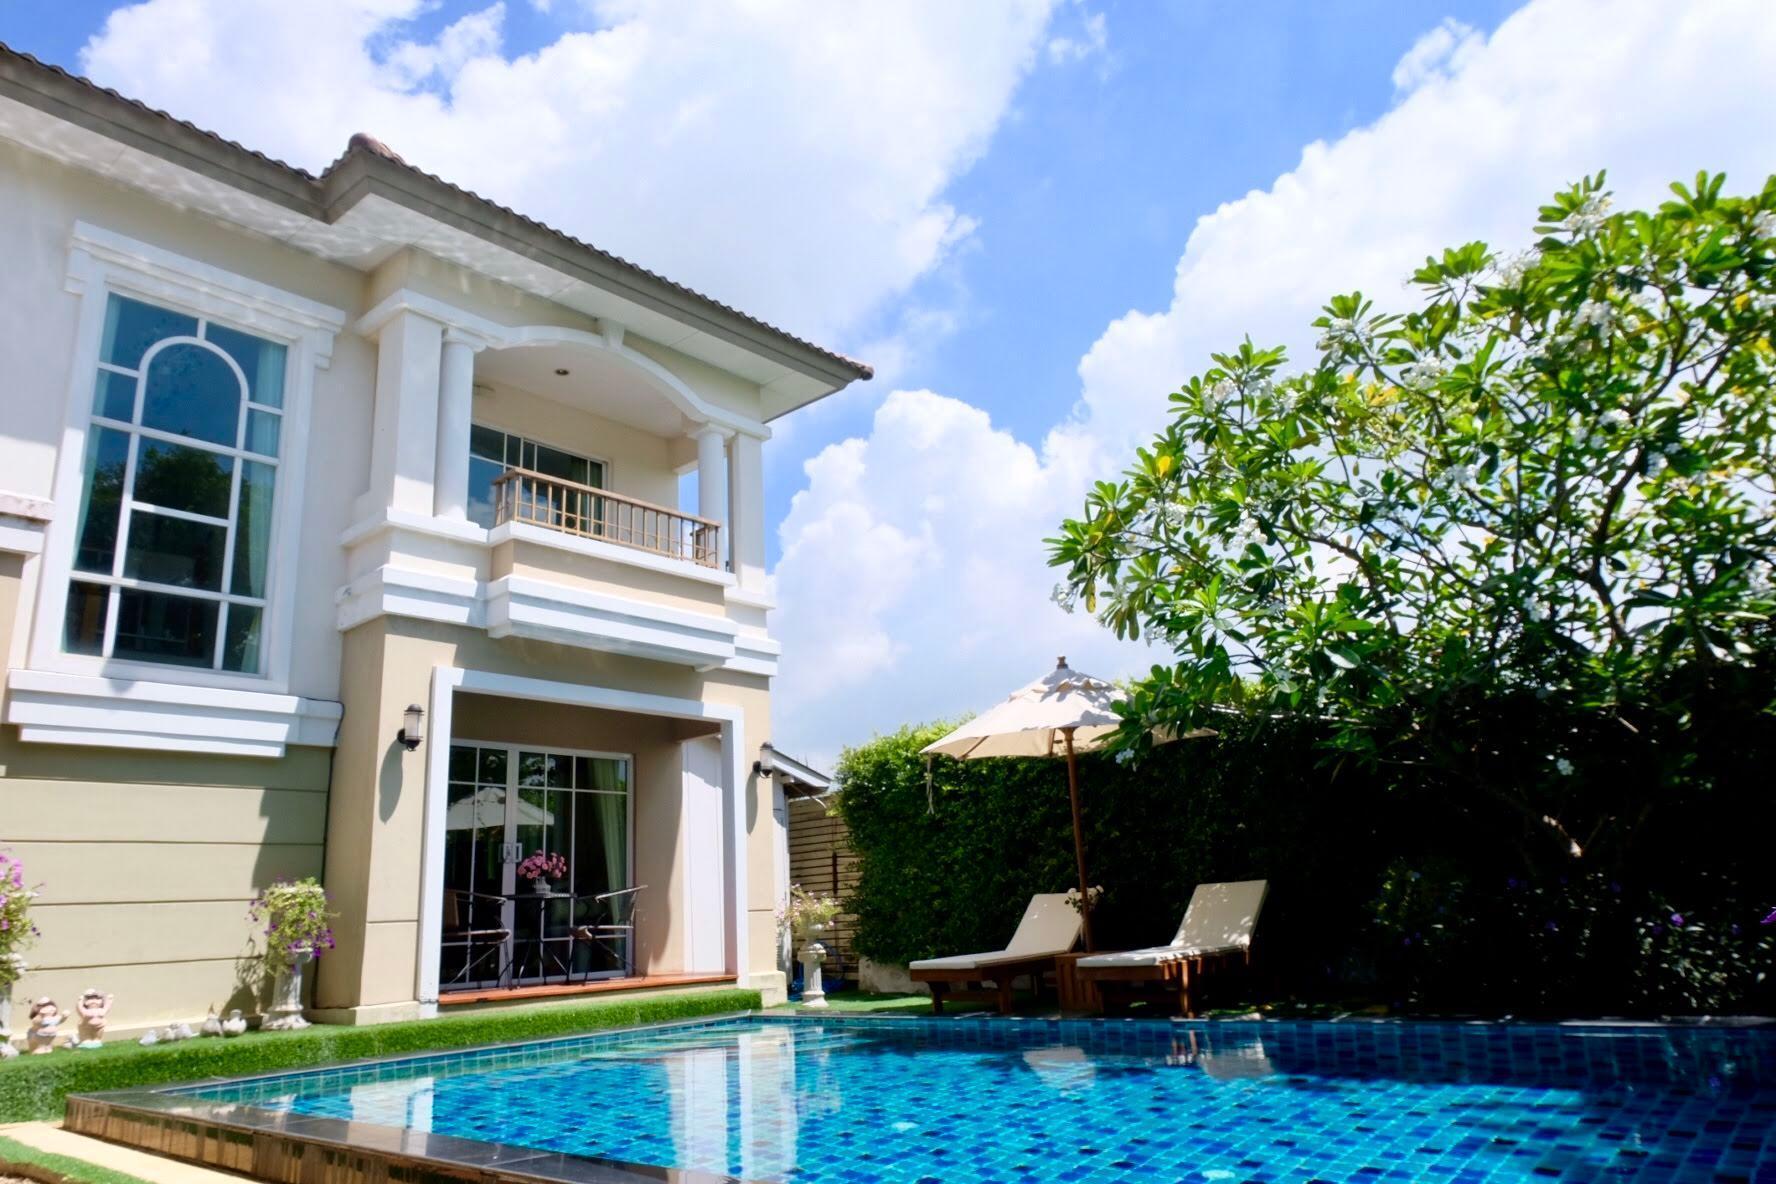 15mins Suvarnabhumi Private Pool Villa 3 bedrooms 15mins Suvarnabhumi Private Pool Villa 3 bedrooms